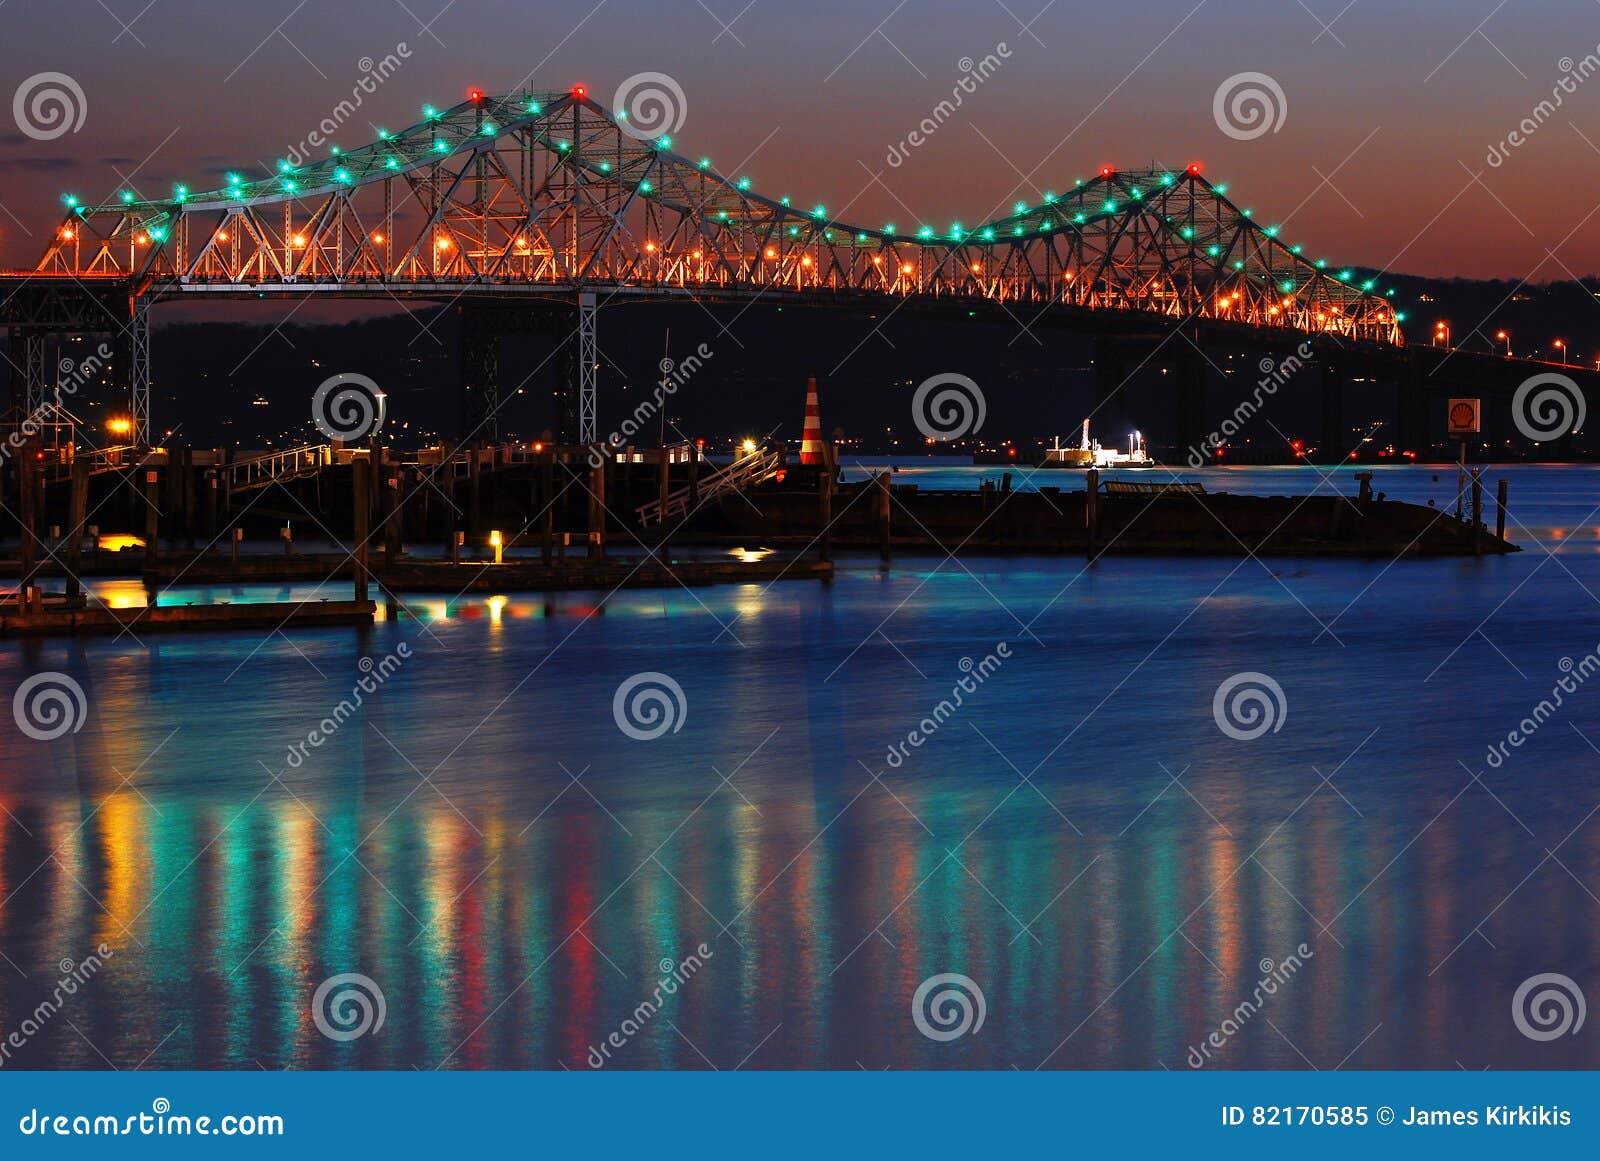 El puente viejo de Tappan Zee atraviesa el Hudson